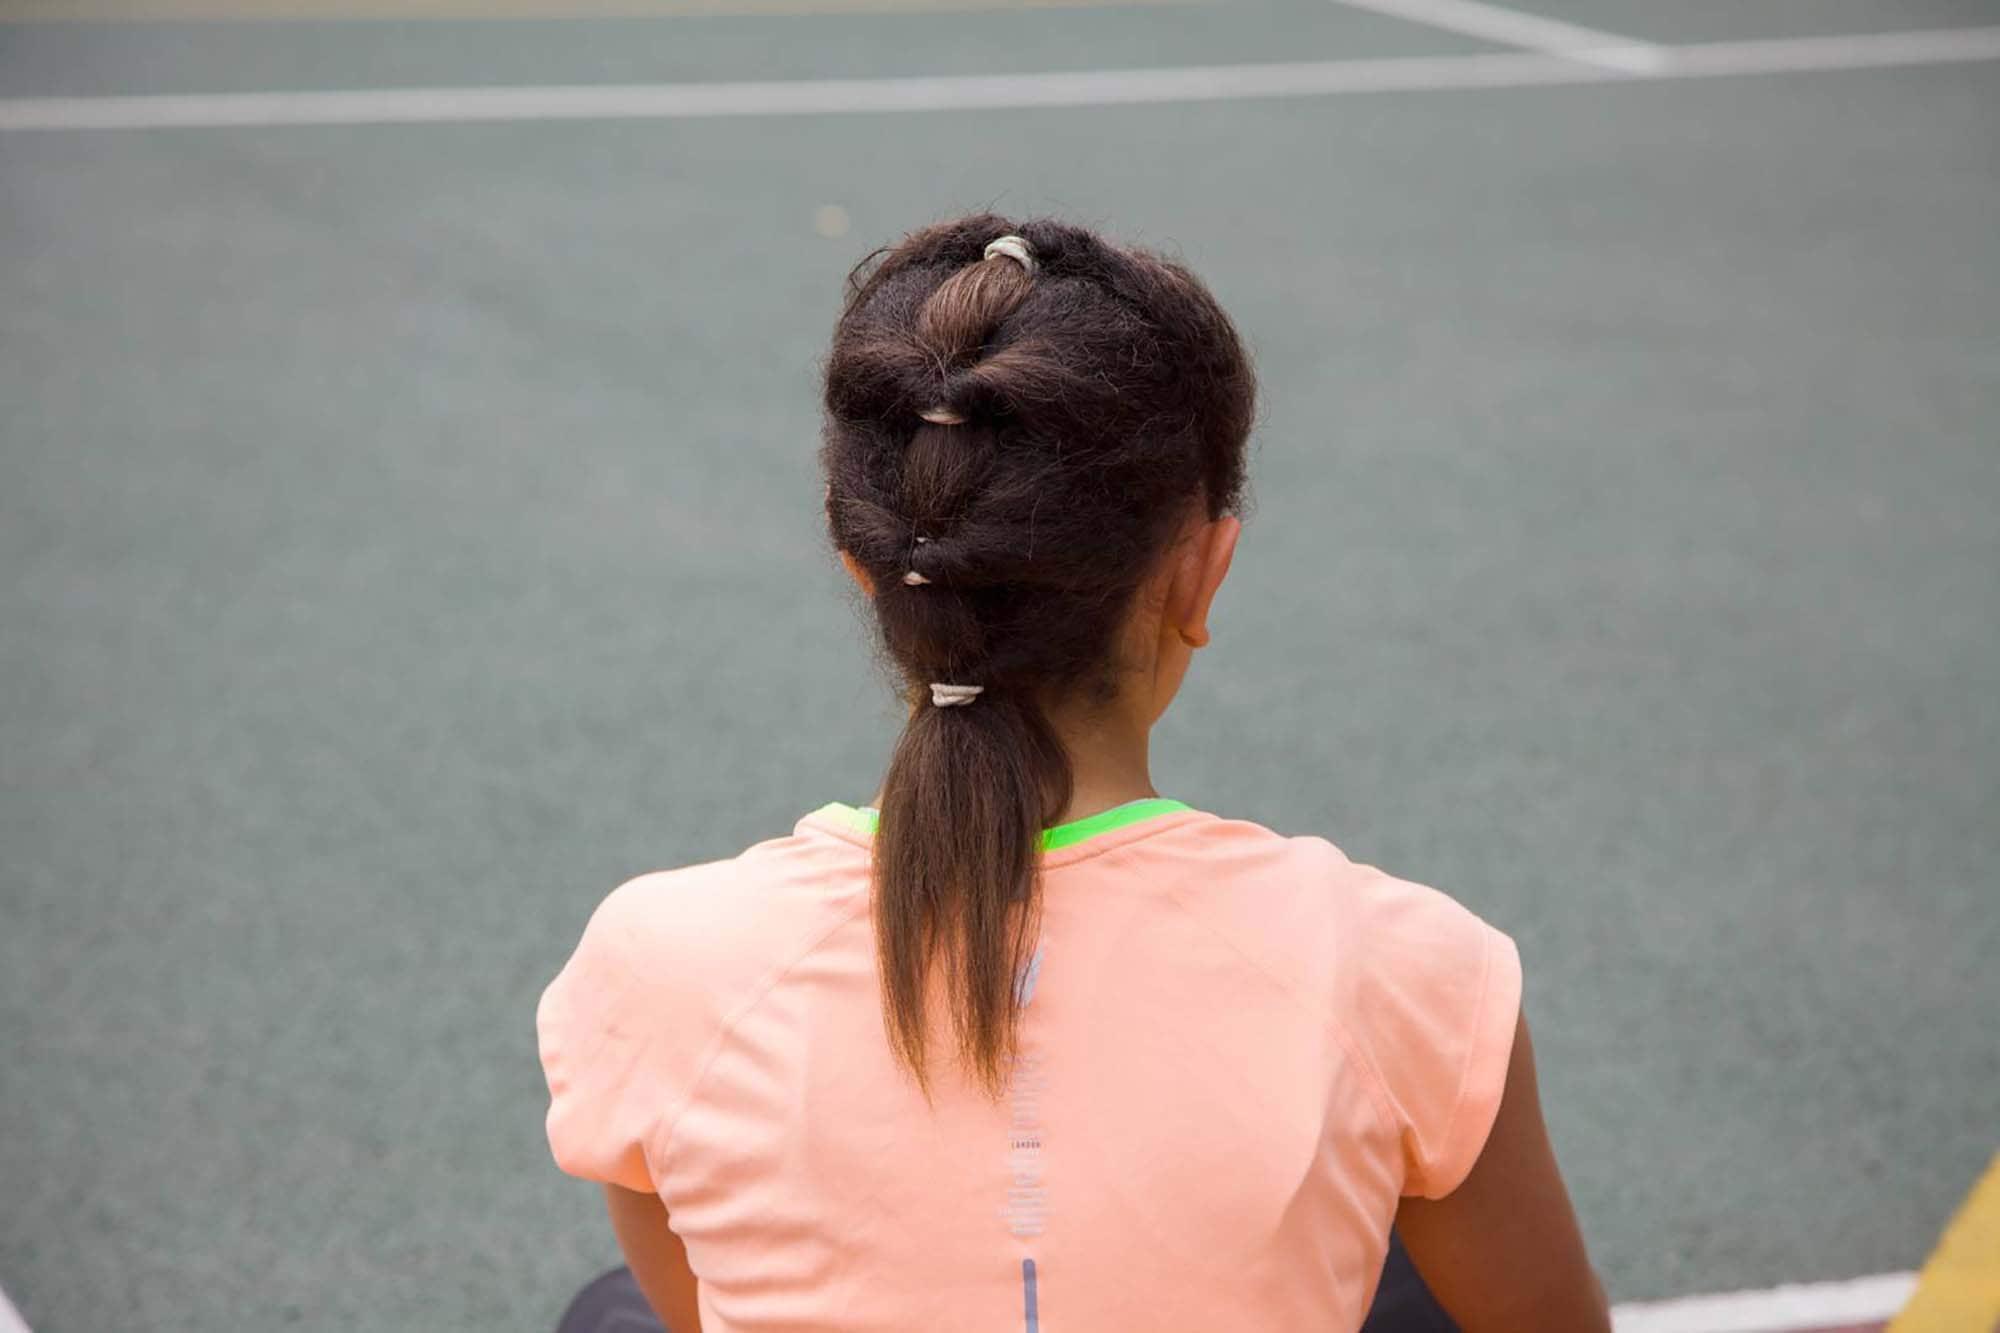 cabello al hombro varias colas de caballo